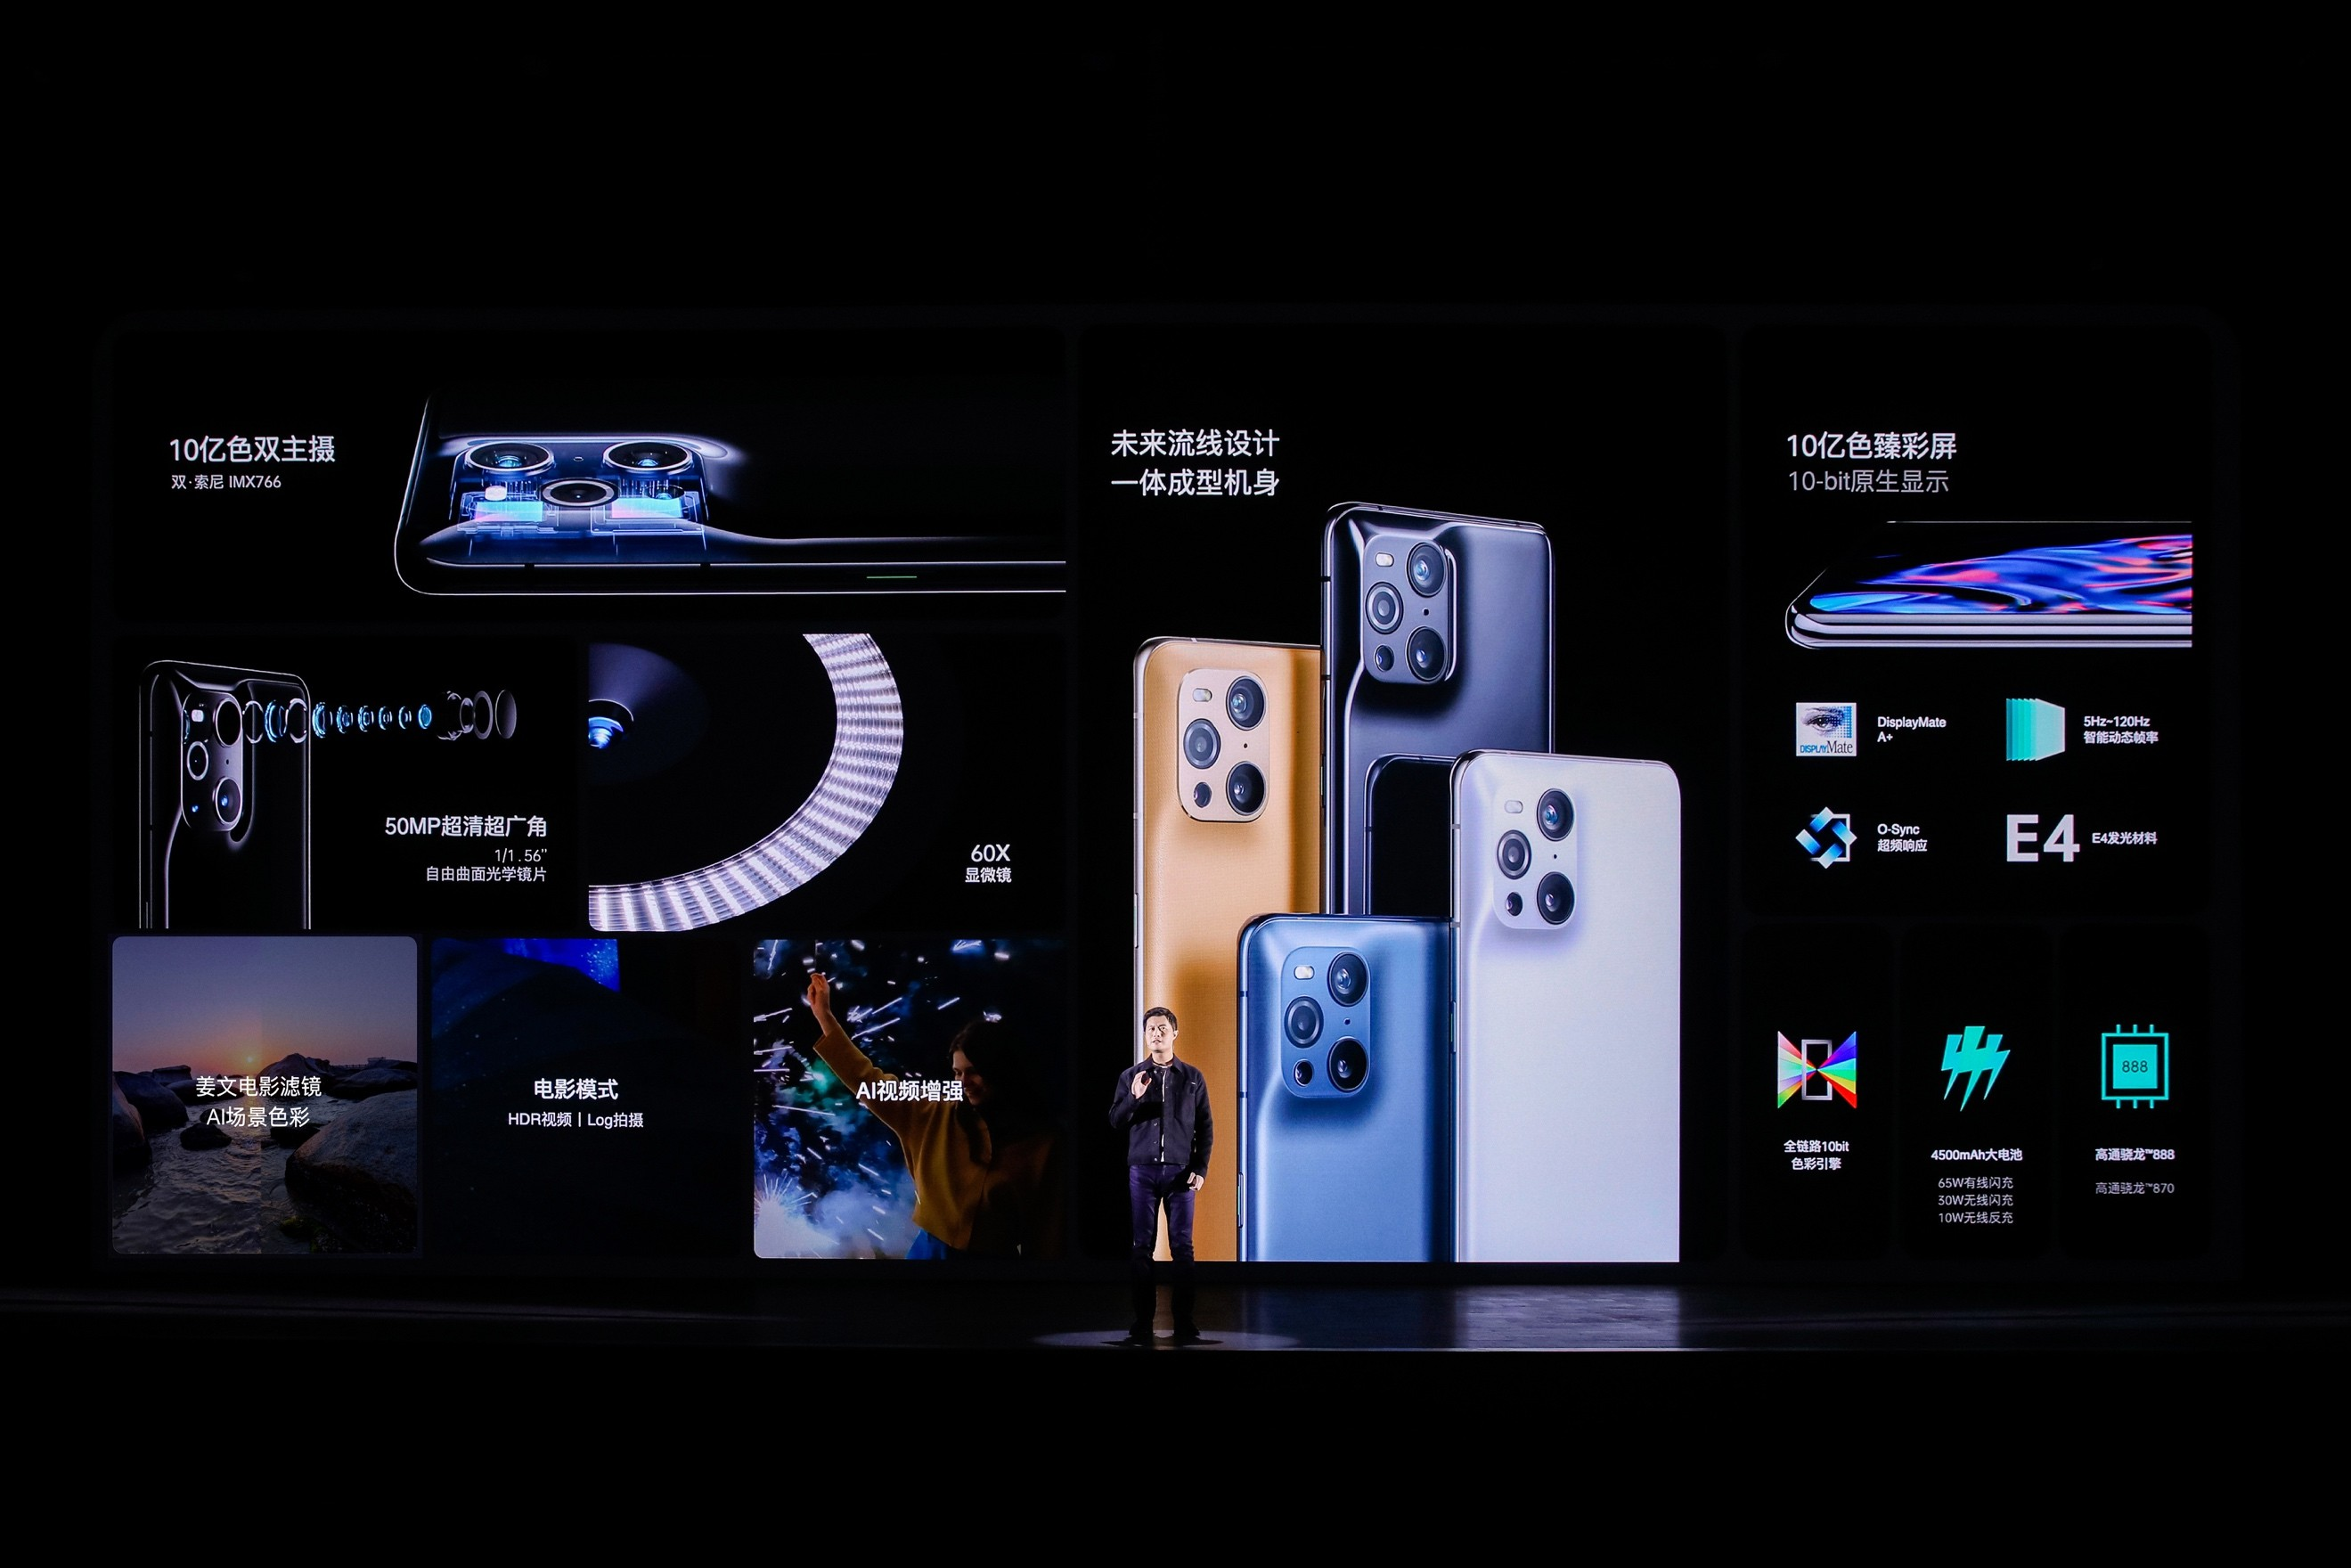 OPPO发布色彩影像旗舰Find X3系列 加速高端市场破局